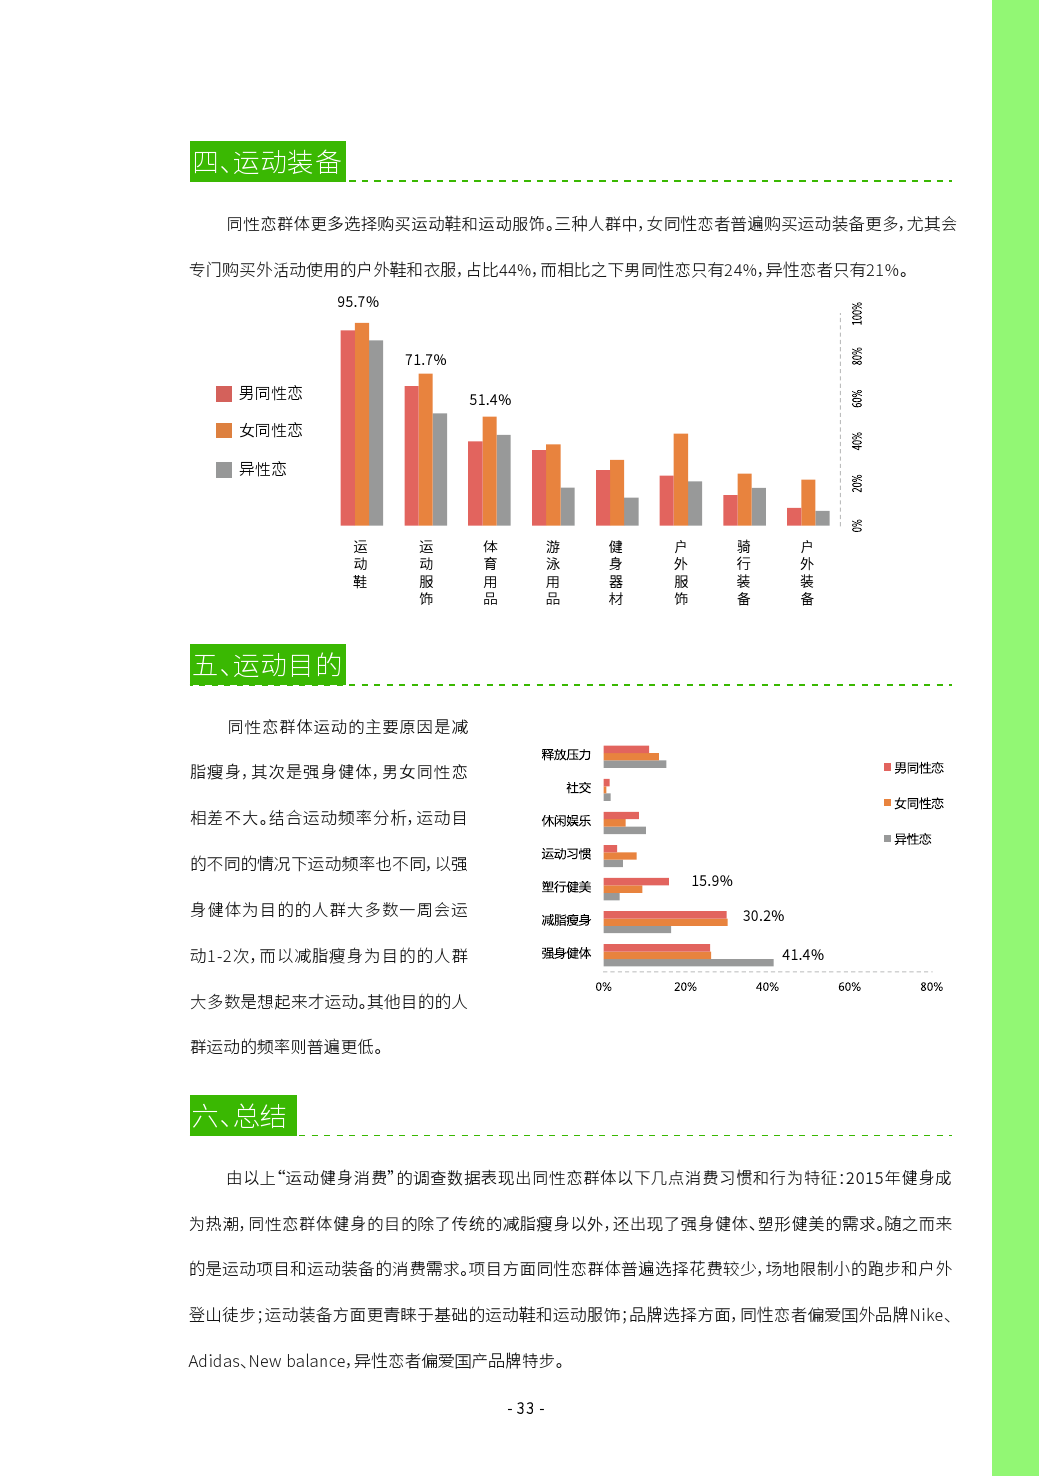 第二届中国LGBT群体消费调查报告_000033